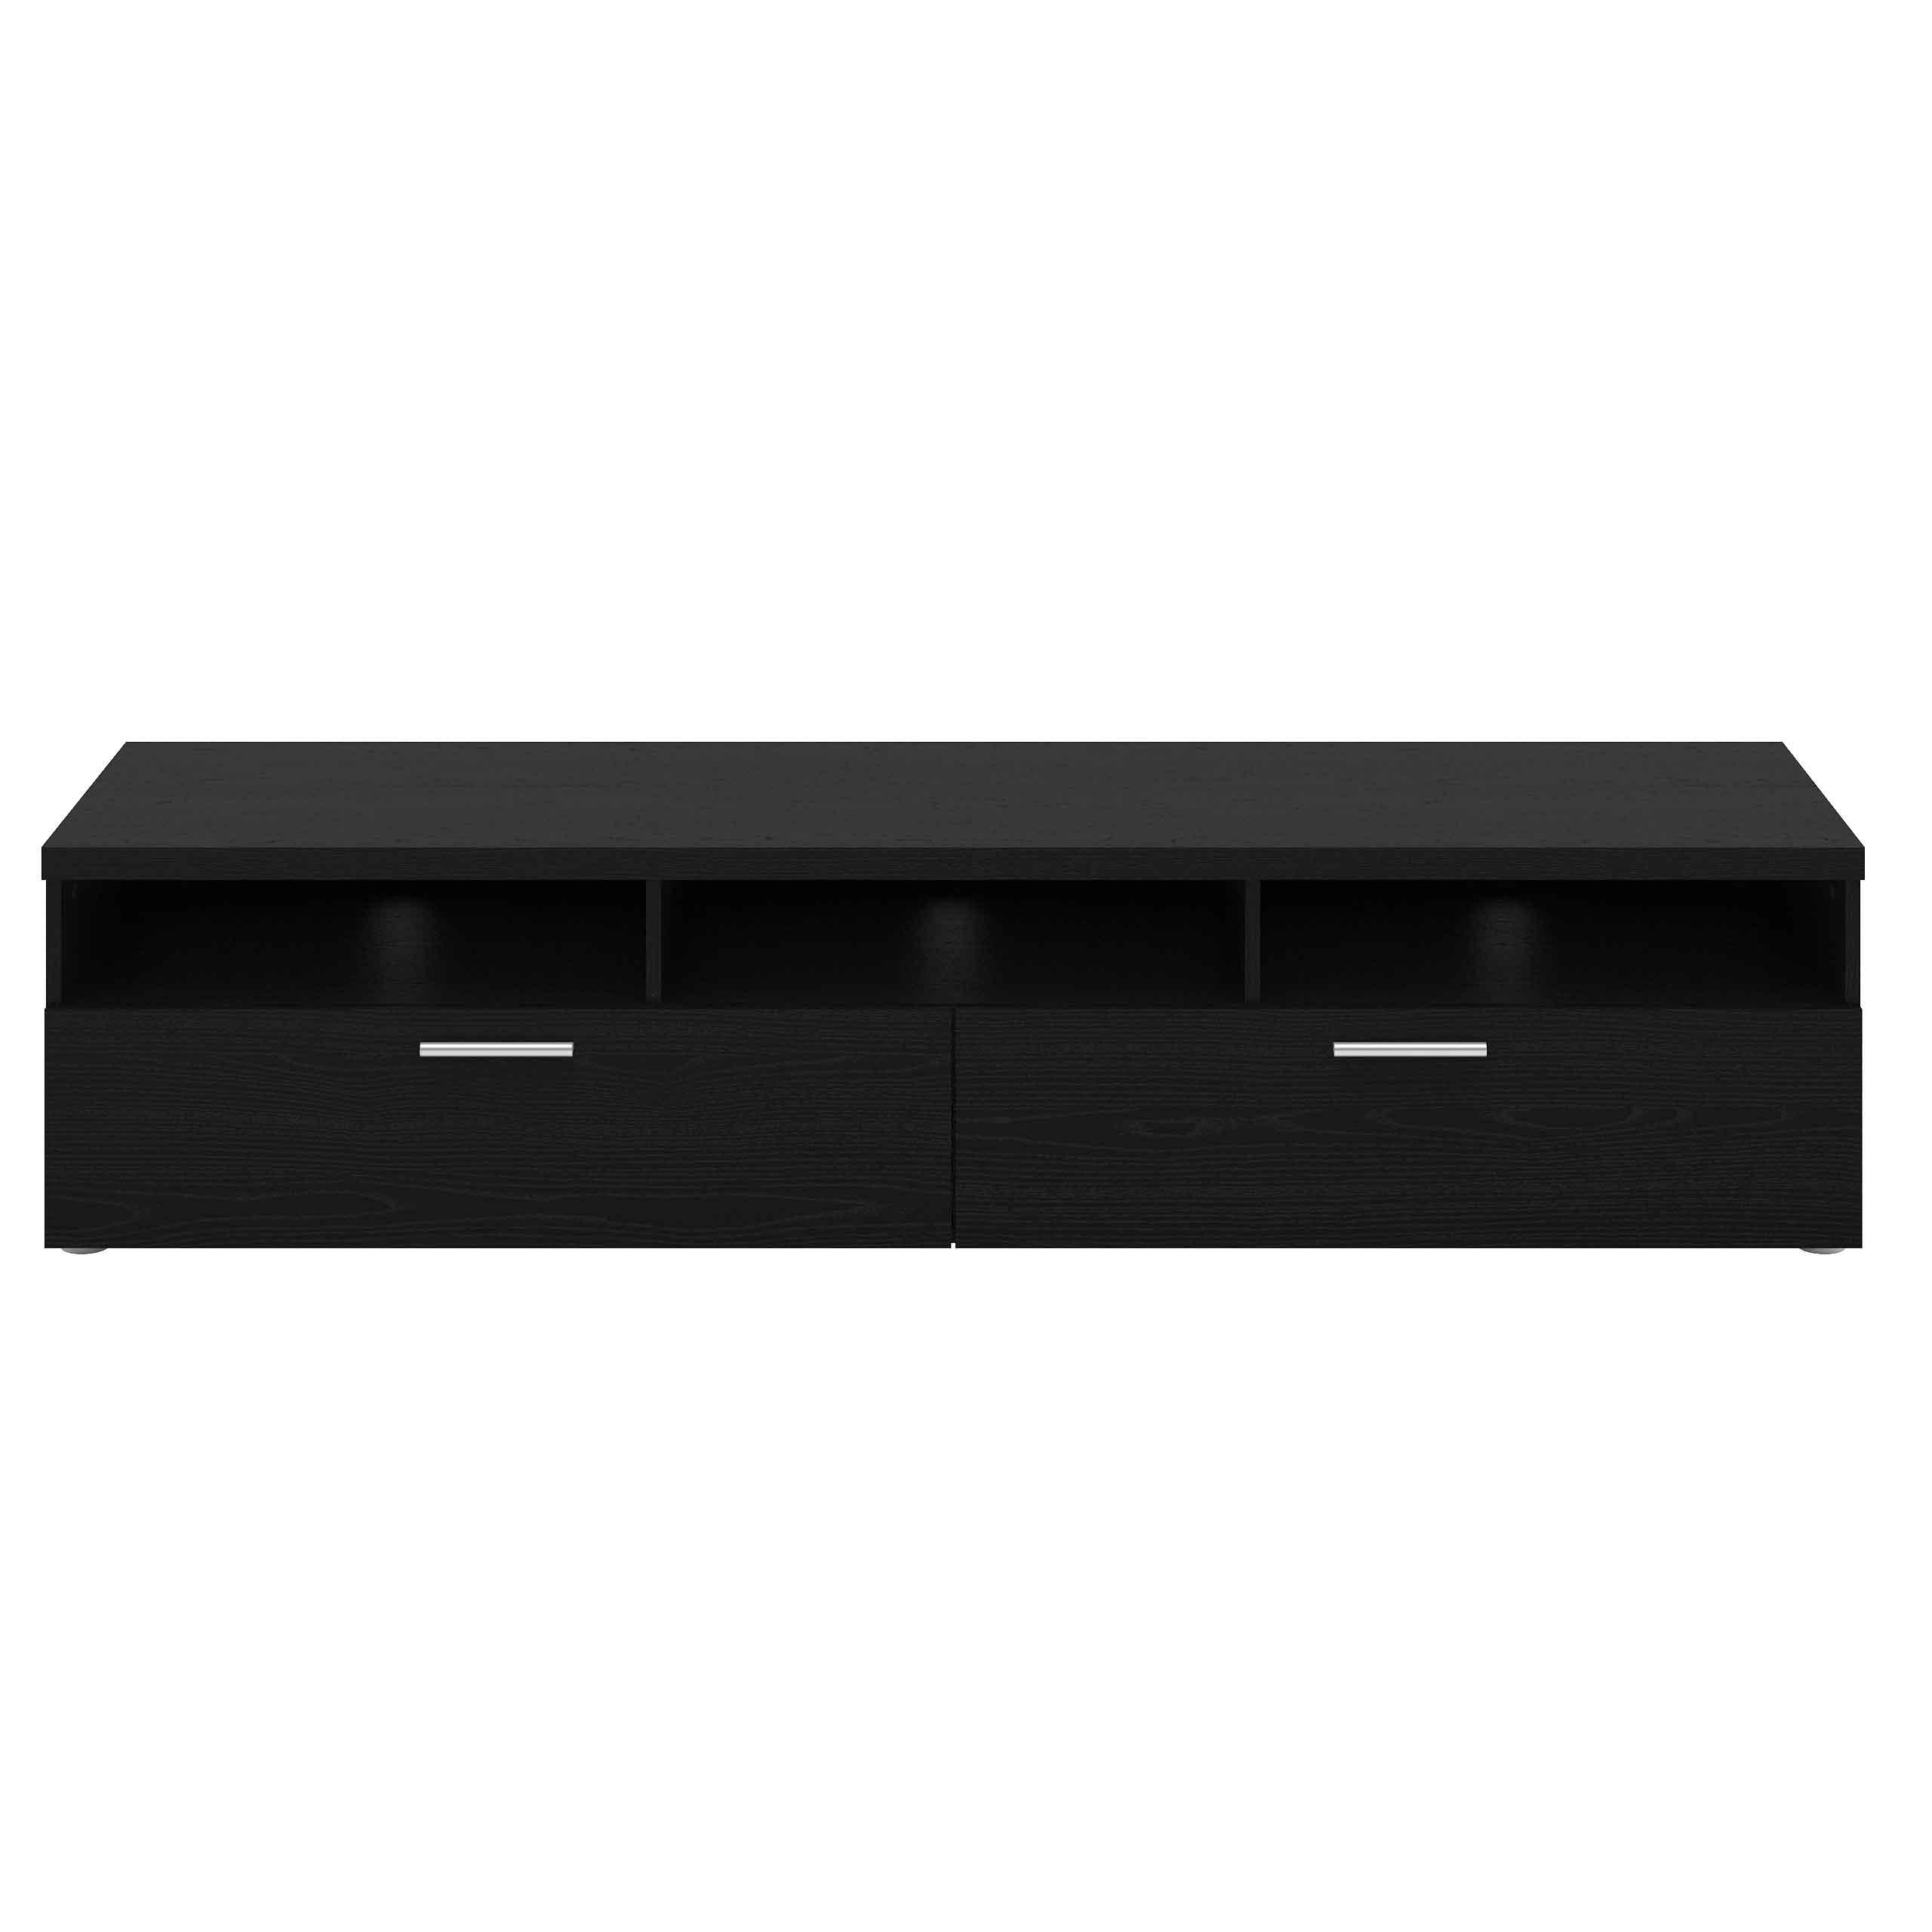 Napoli TV-bord - Hvidt træ eller sort ask, m. 2 skuffer Sort ask